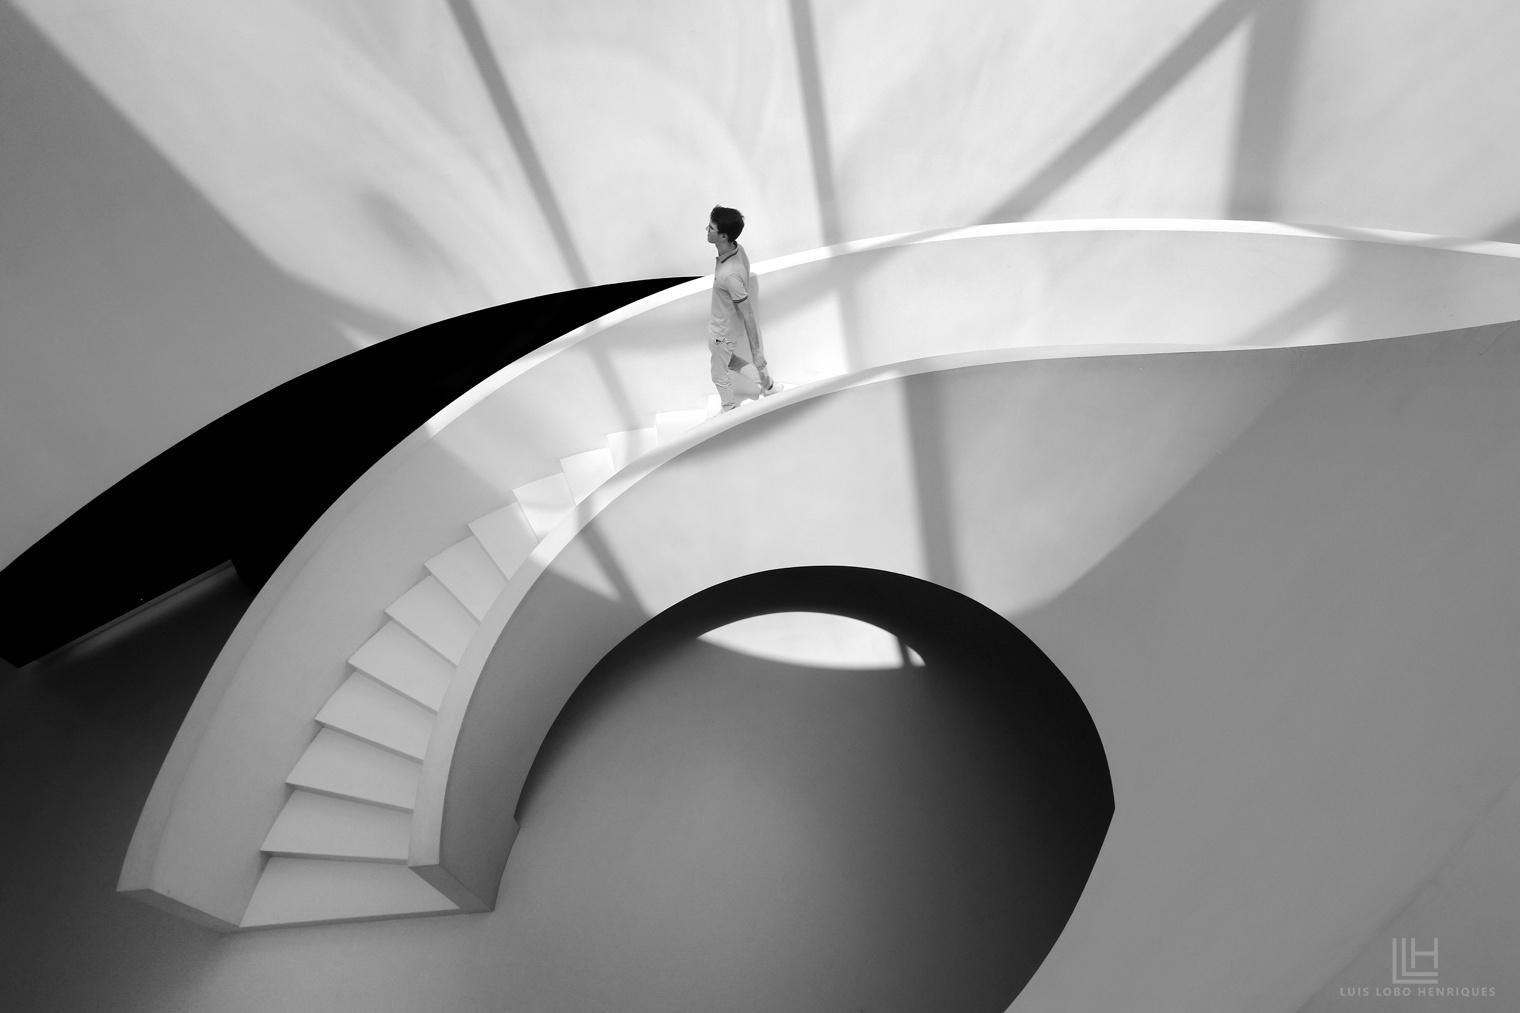 Arquitetura/mapa de uma luz descendente